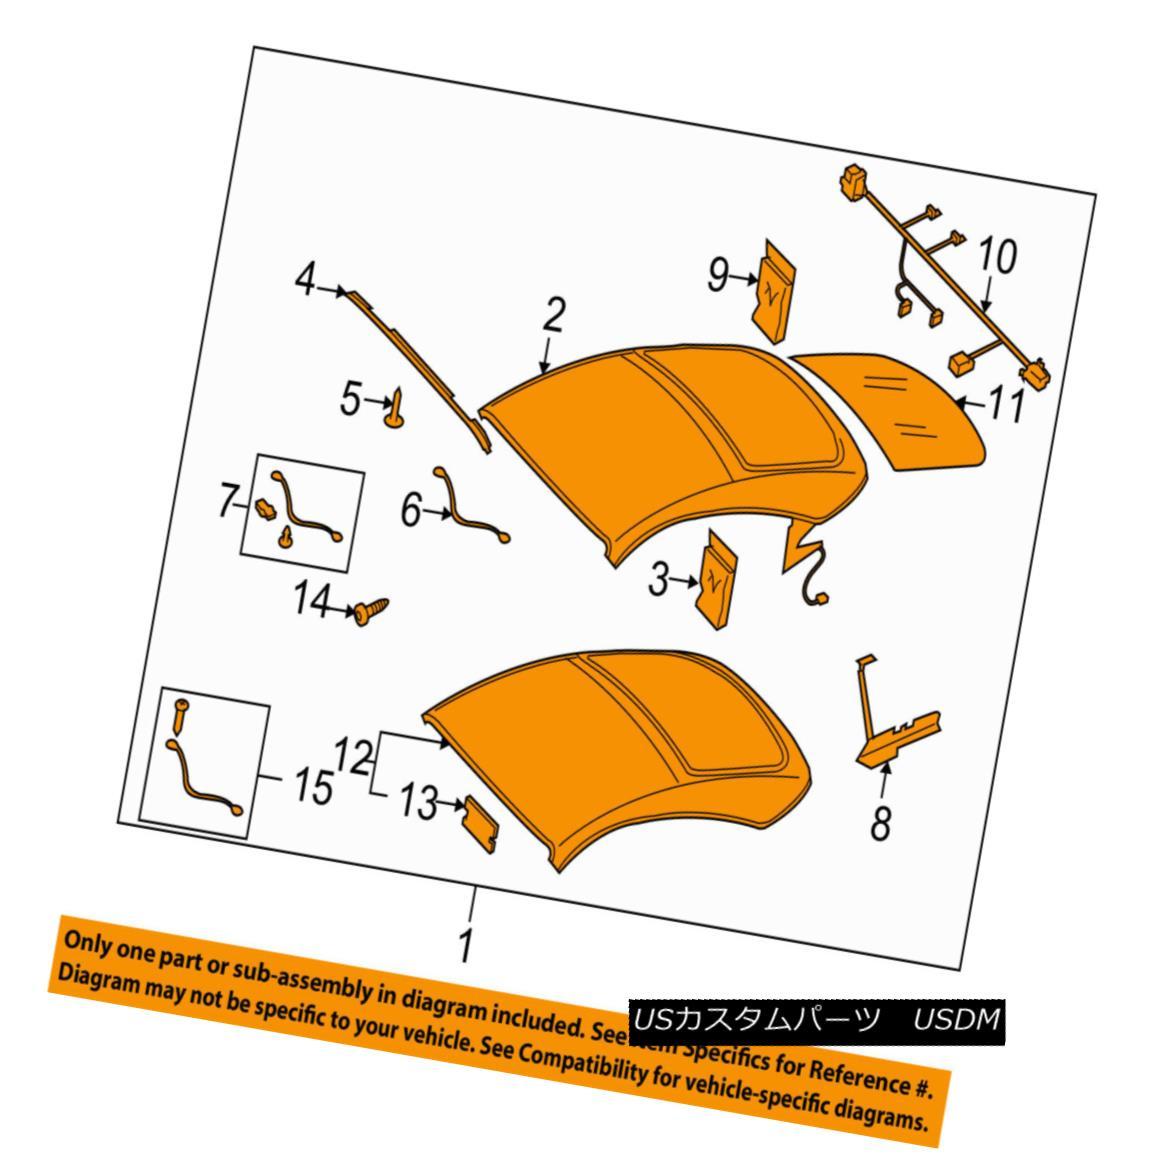 幌・ソフトトップ AUDI OEM 2008 TT Convertible Soft Top-Roof Assy 8J7871011A2Y5 AUDI OEM 2008 TTコンバーチブルソフトトップルーフアッシー8J7871011A2Y5